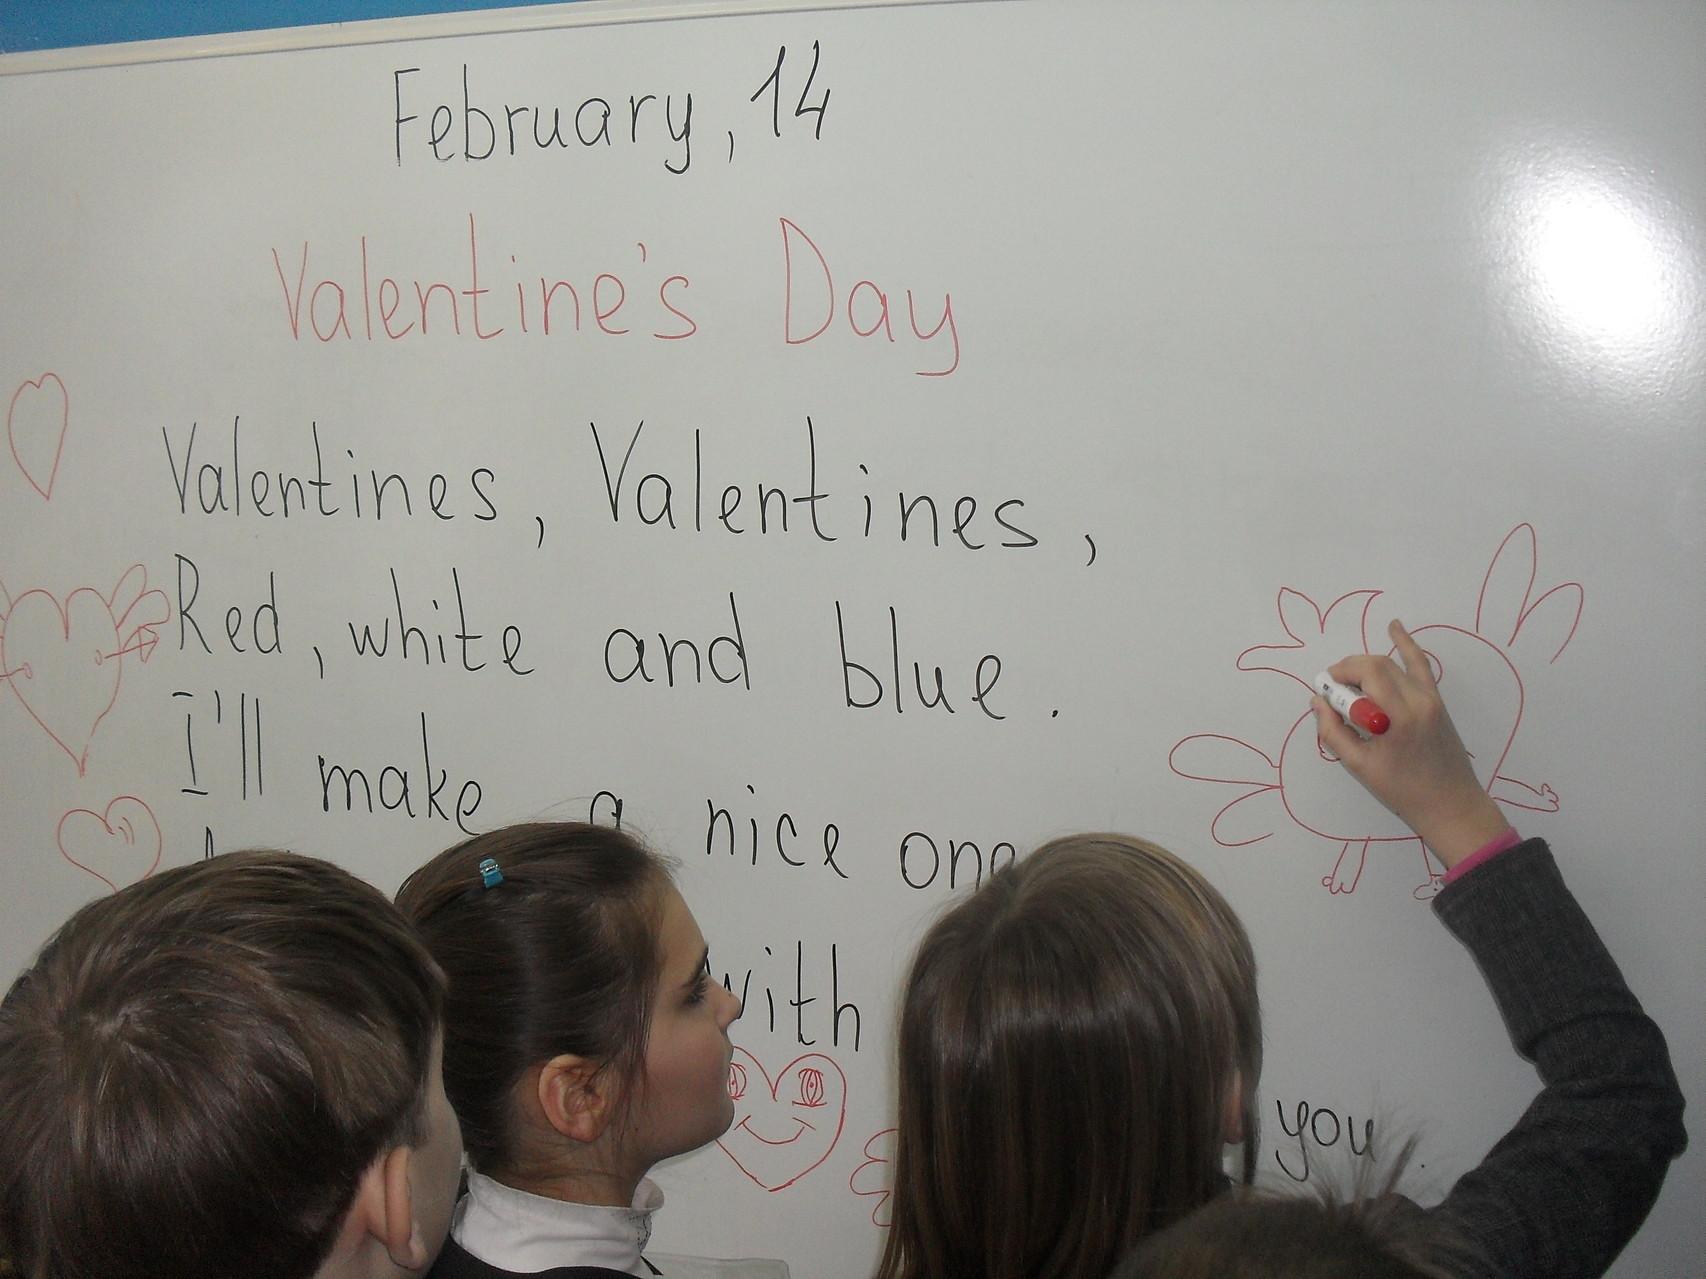 история дня влюбленных 14 февраля презентация